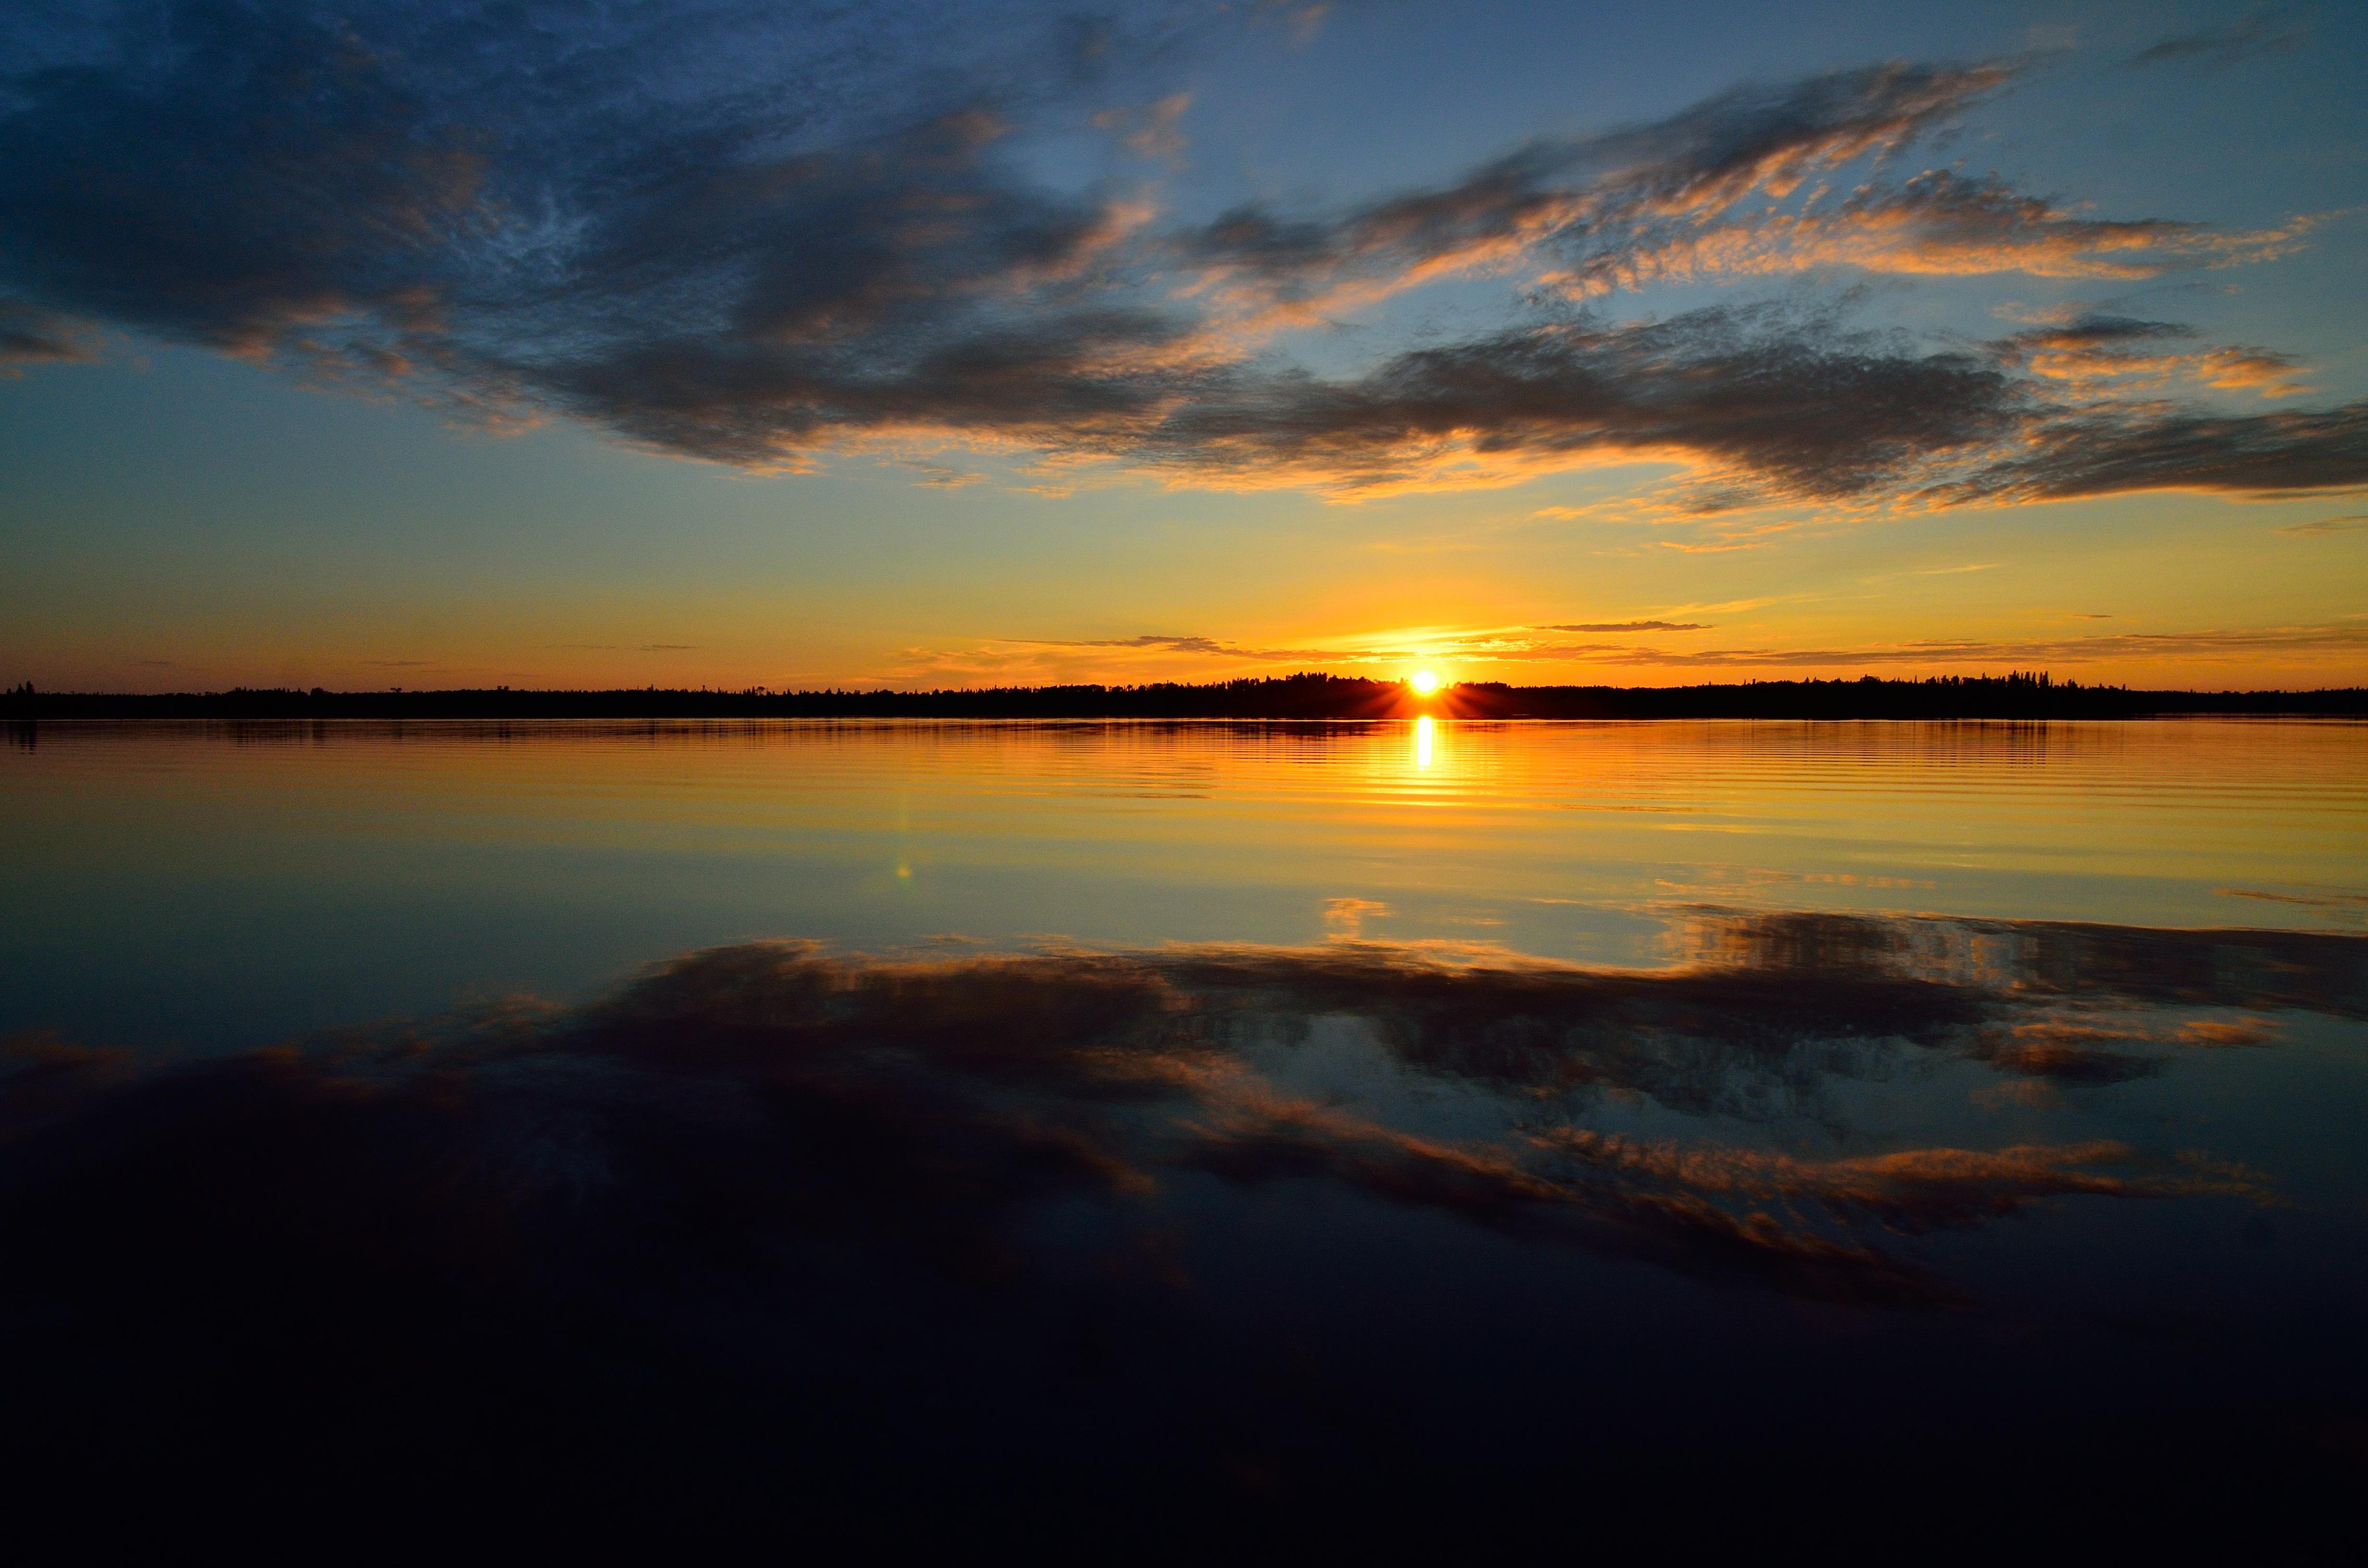 BFL gorgeous sunset & reflection